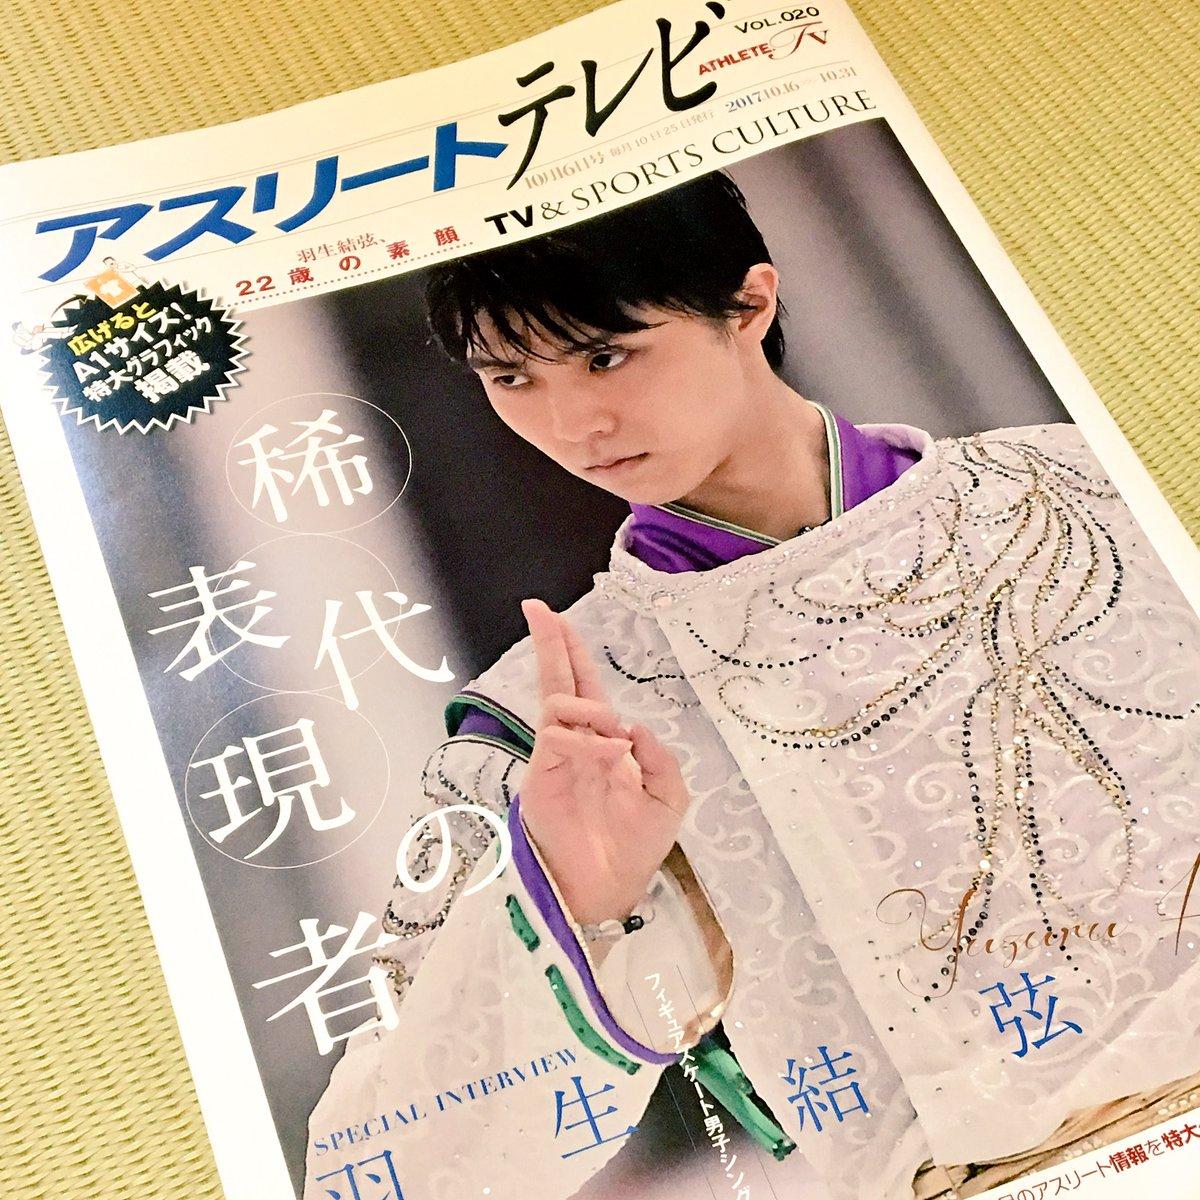 これ、ポストに入ってましたな。 東京ニュース通信社が発行してる、アスリートテレビってやつみたいです。10日発行なのかな。 これ、1枚の紙を3つに折った作りで、開いたら‥😵😵😵っすよ。